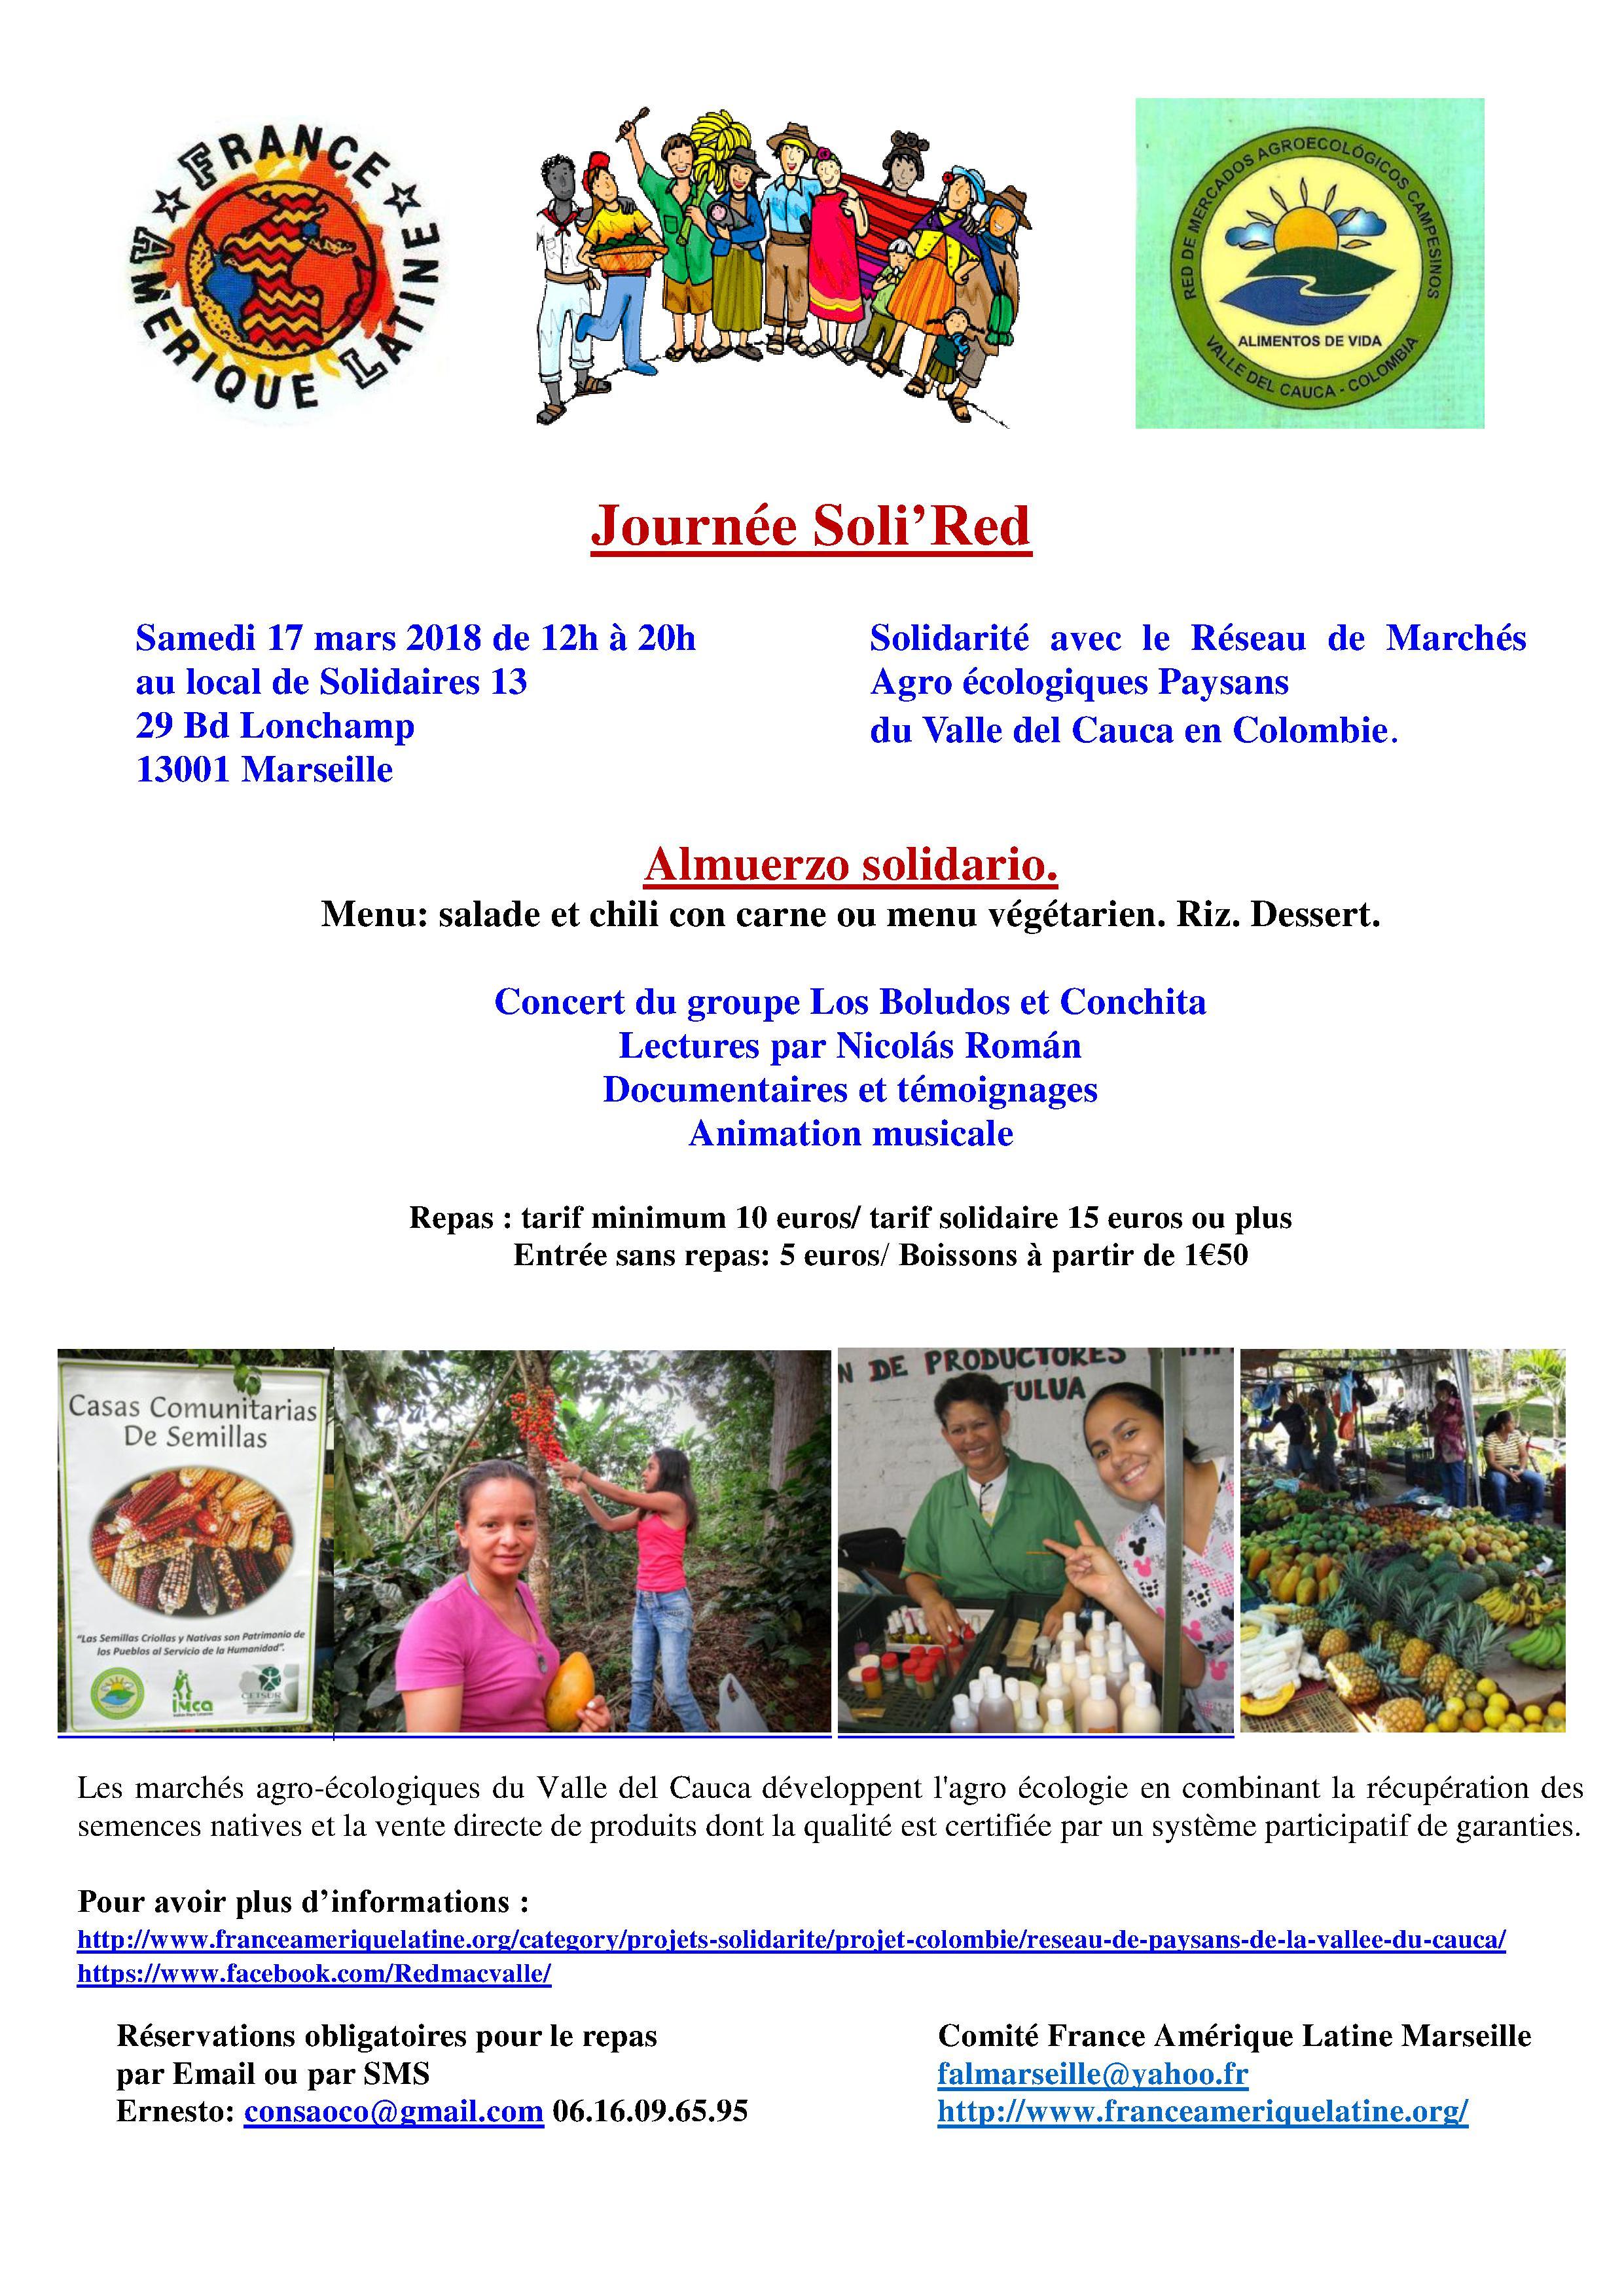 FAL Marseille/ Réseau des paysans de la Vallée du Cauca : almuerzo solidario le samedi 17 mars